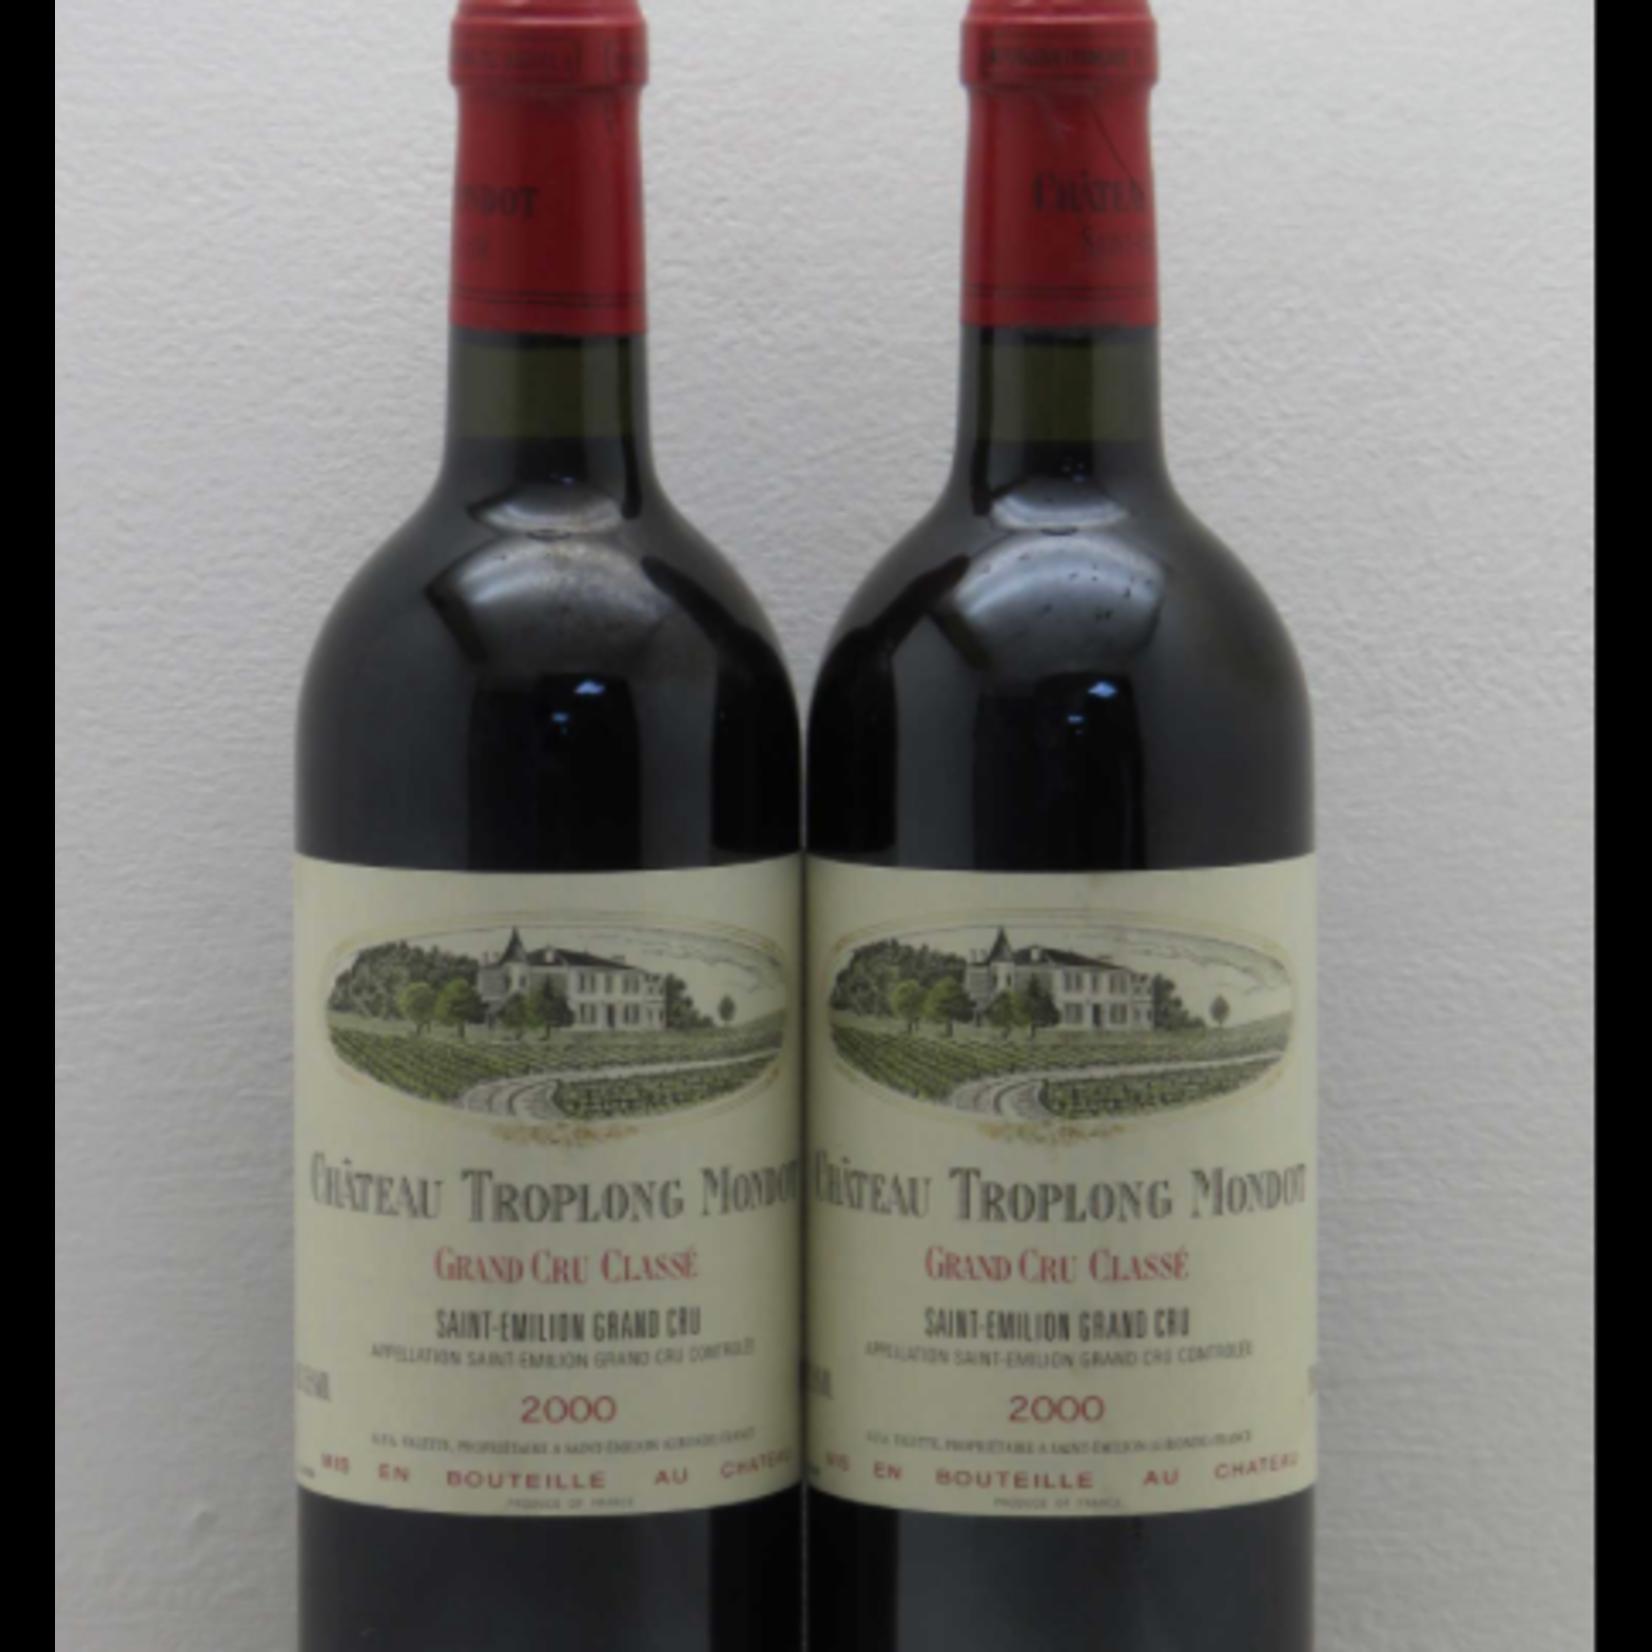 Wine Chateau Troplong Mondot 2000